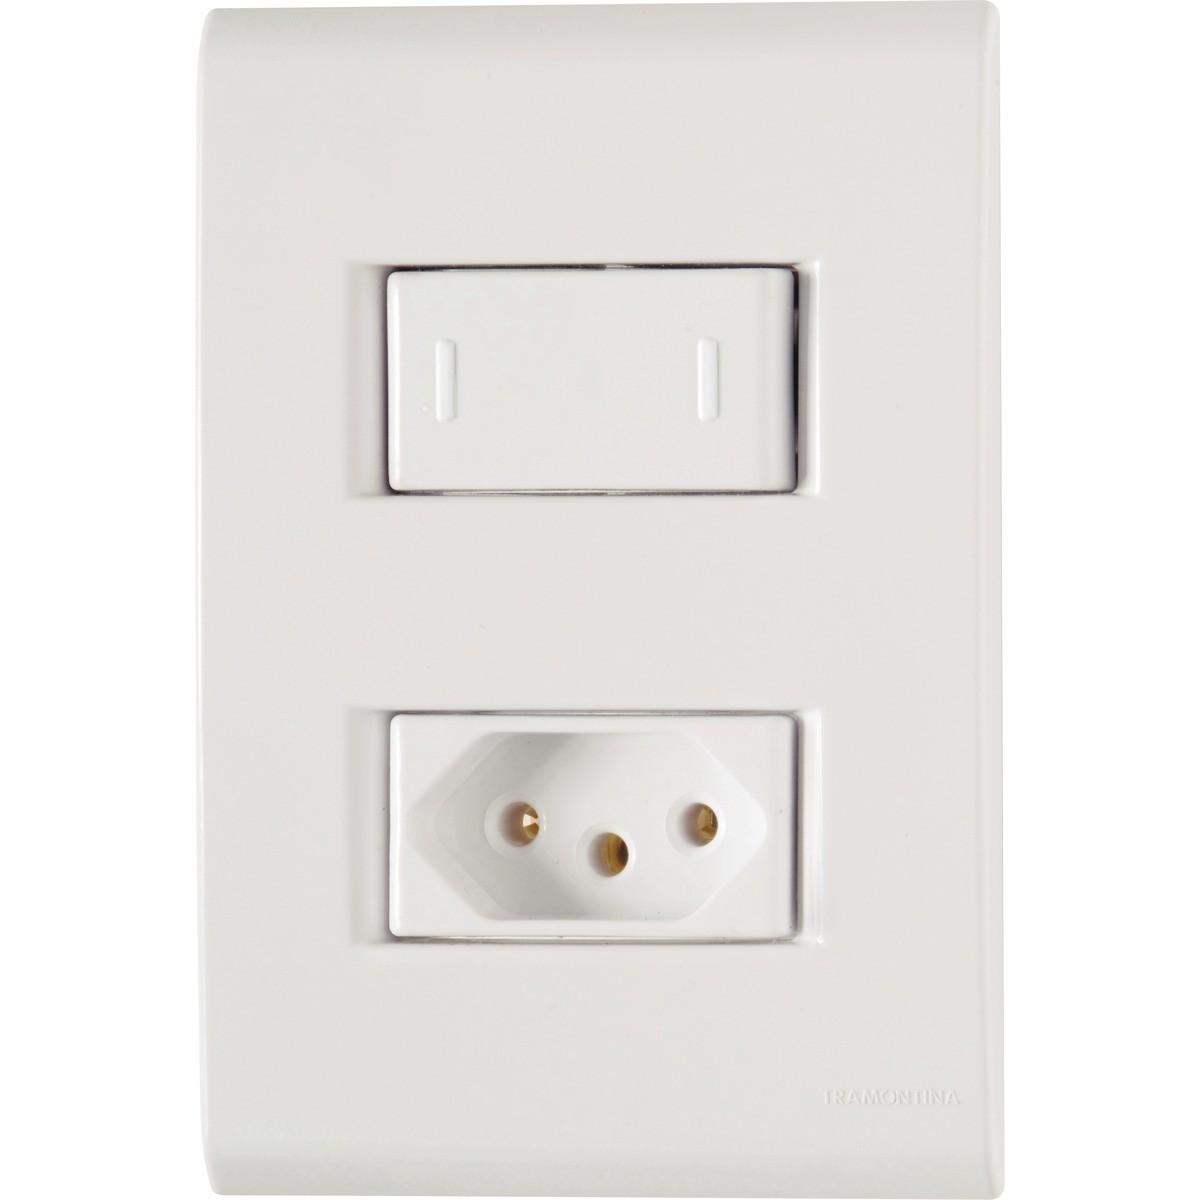 Conjunto de 1 Interruptor Simples Tomada de Energia 2 Modulos 2P T 10A - Tramontina